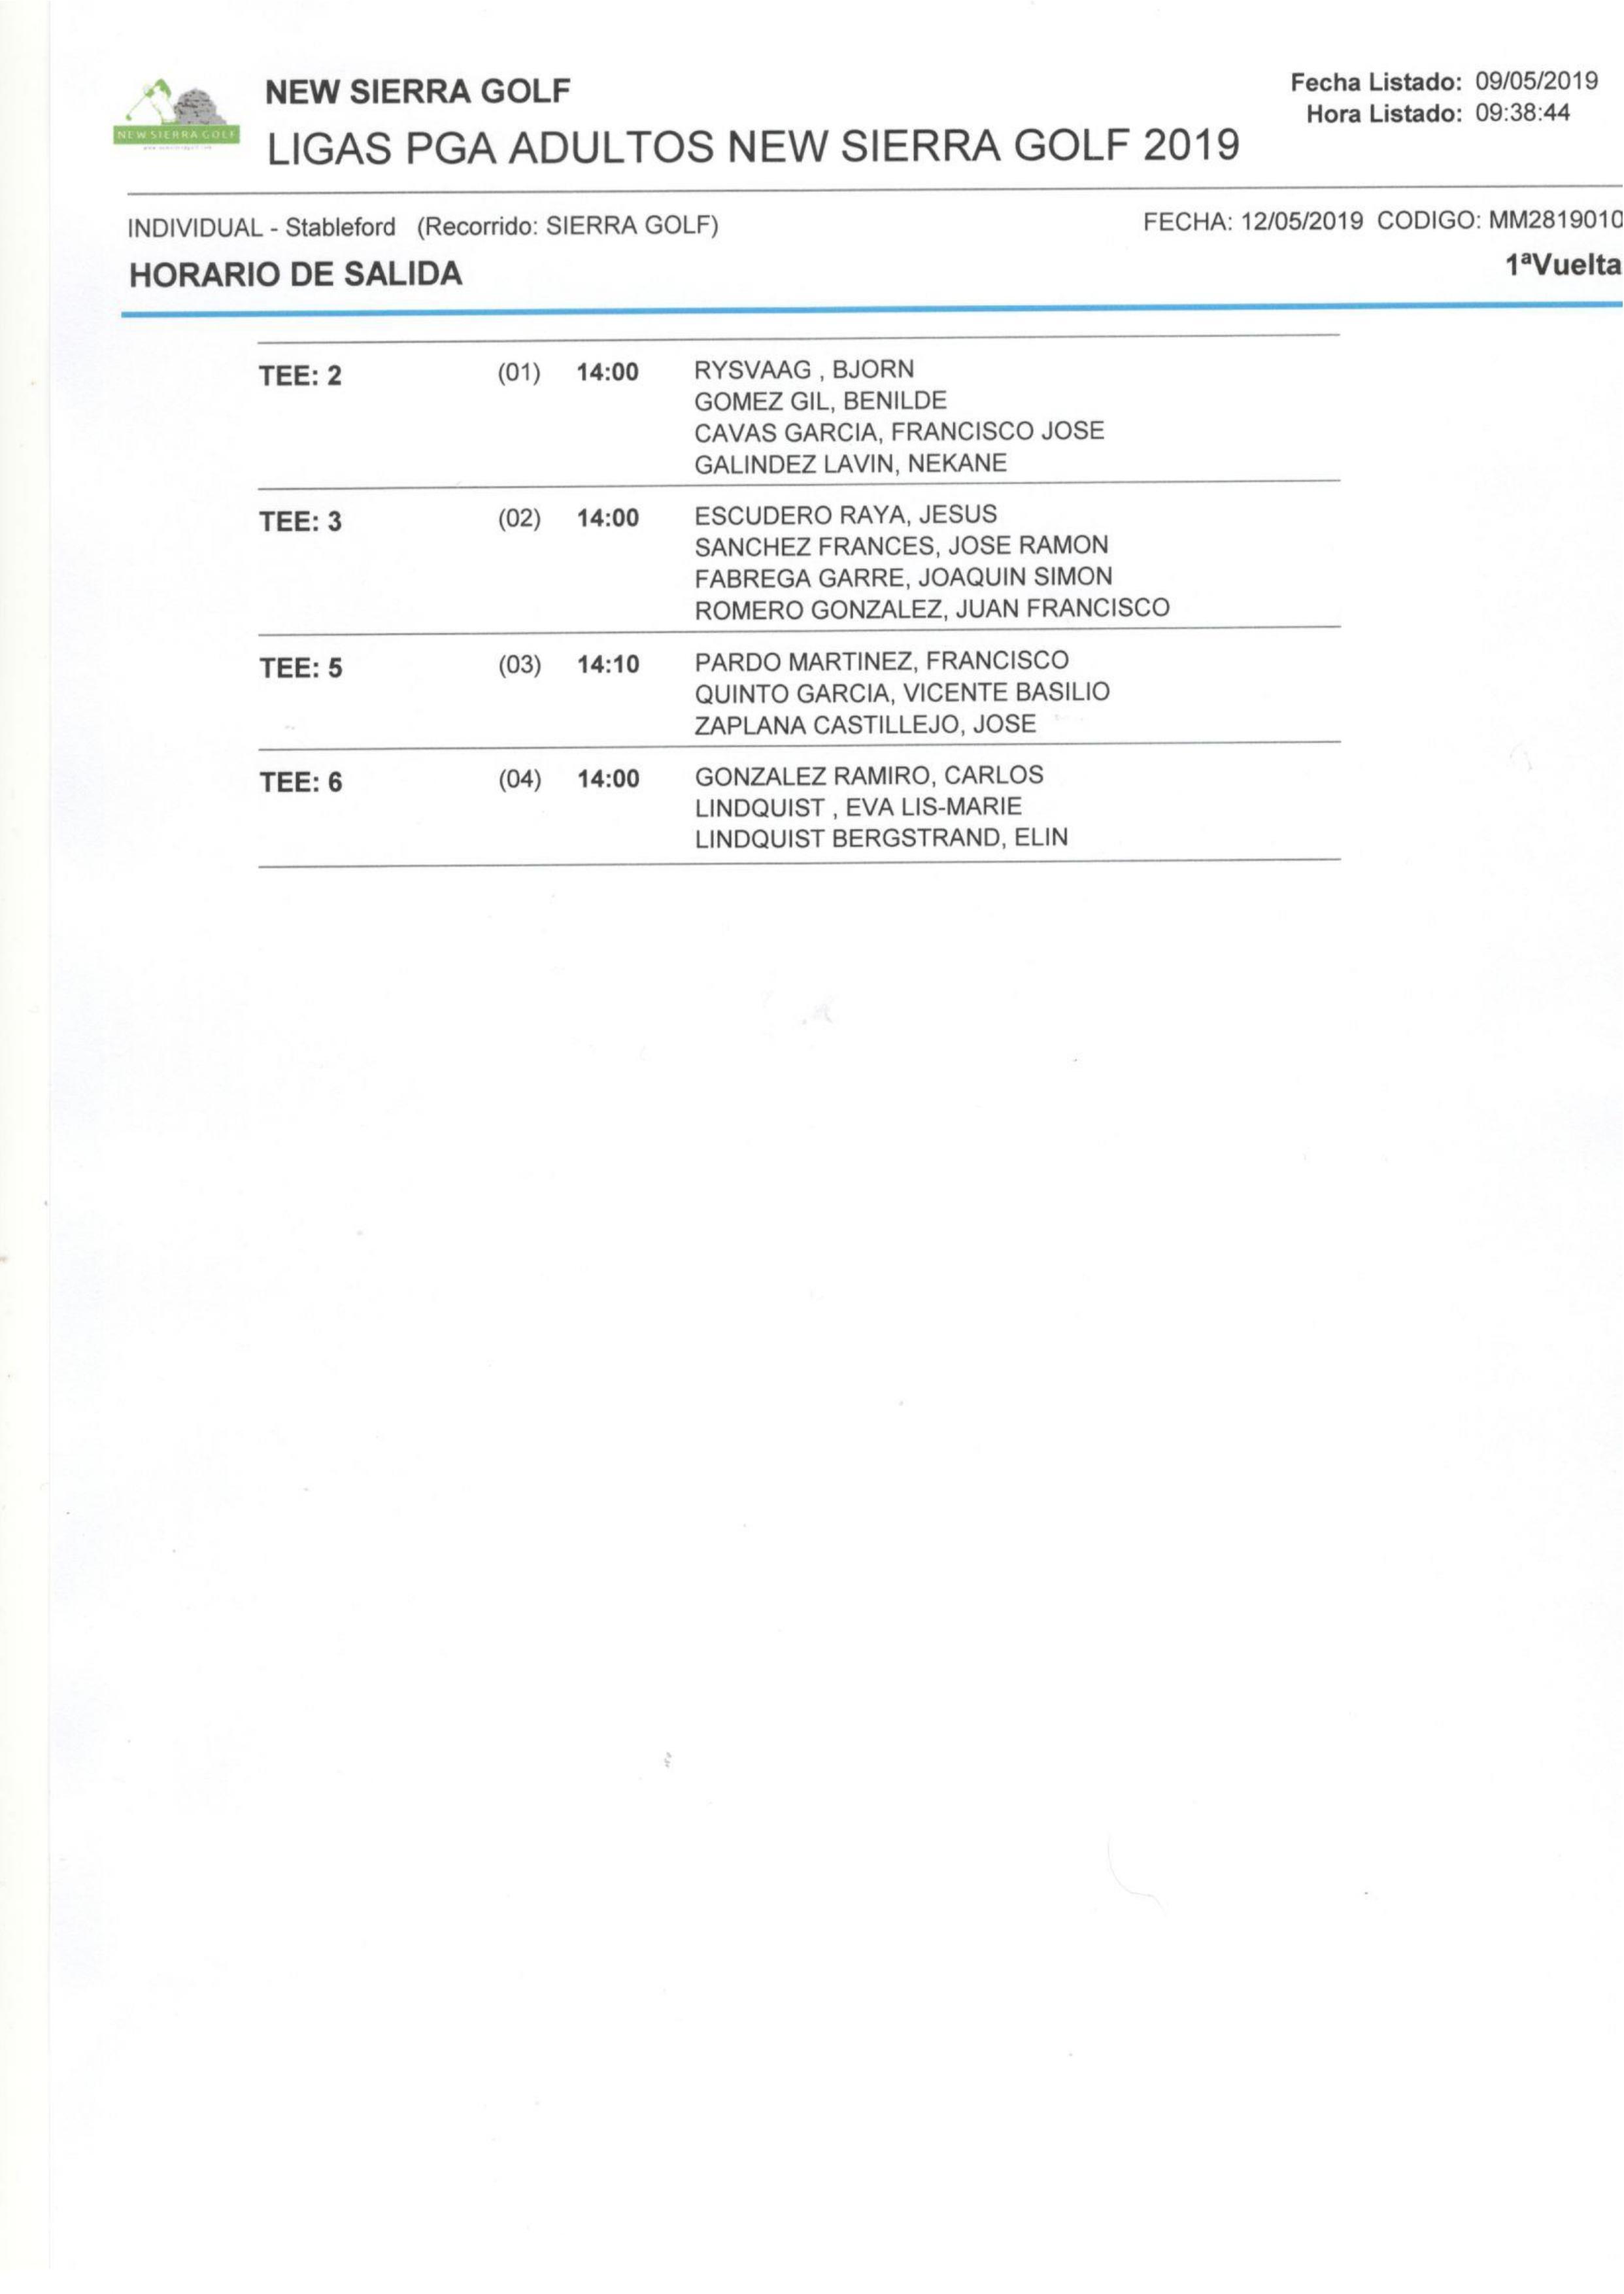 190512 NSG, Horario de salidas (2)